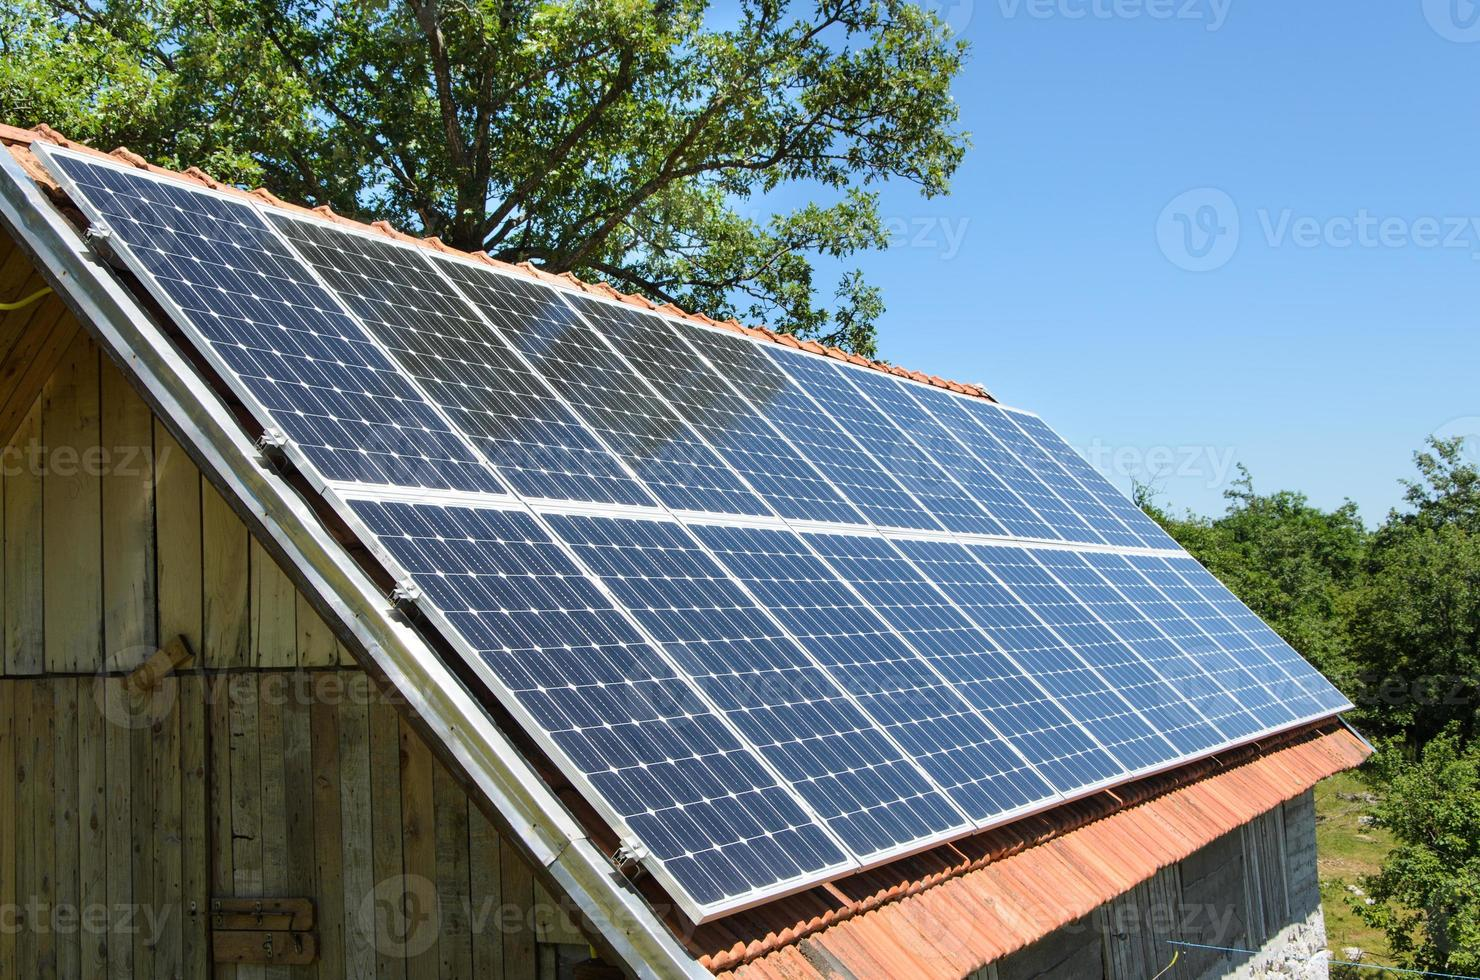 Pannello solare da 5kw foto